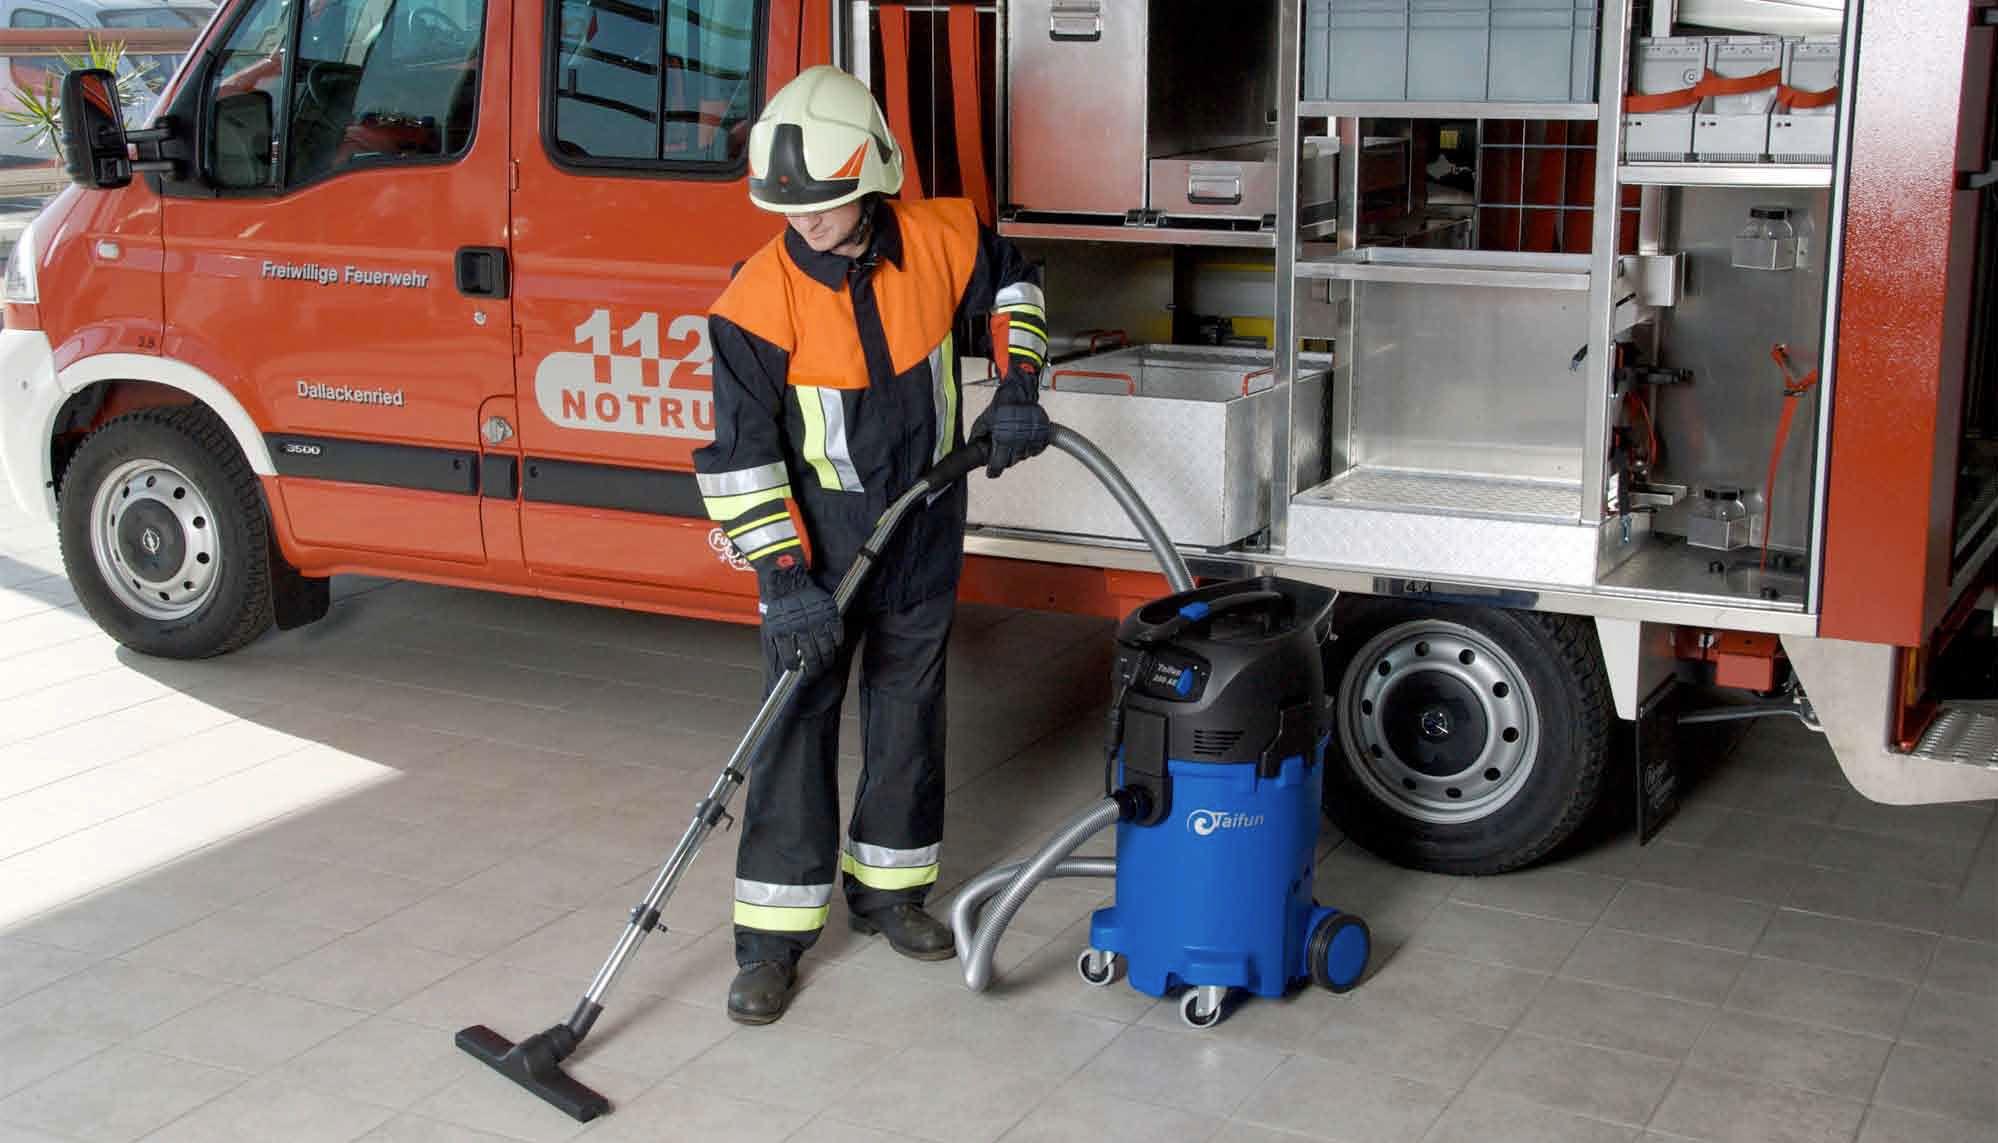 Feuerwehrmann nutzt den Taifun Wassersauger